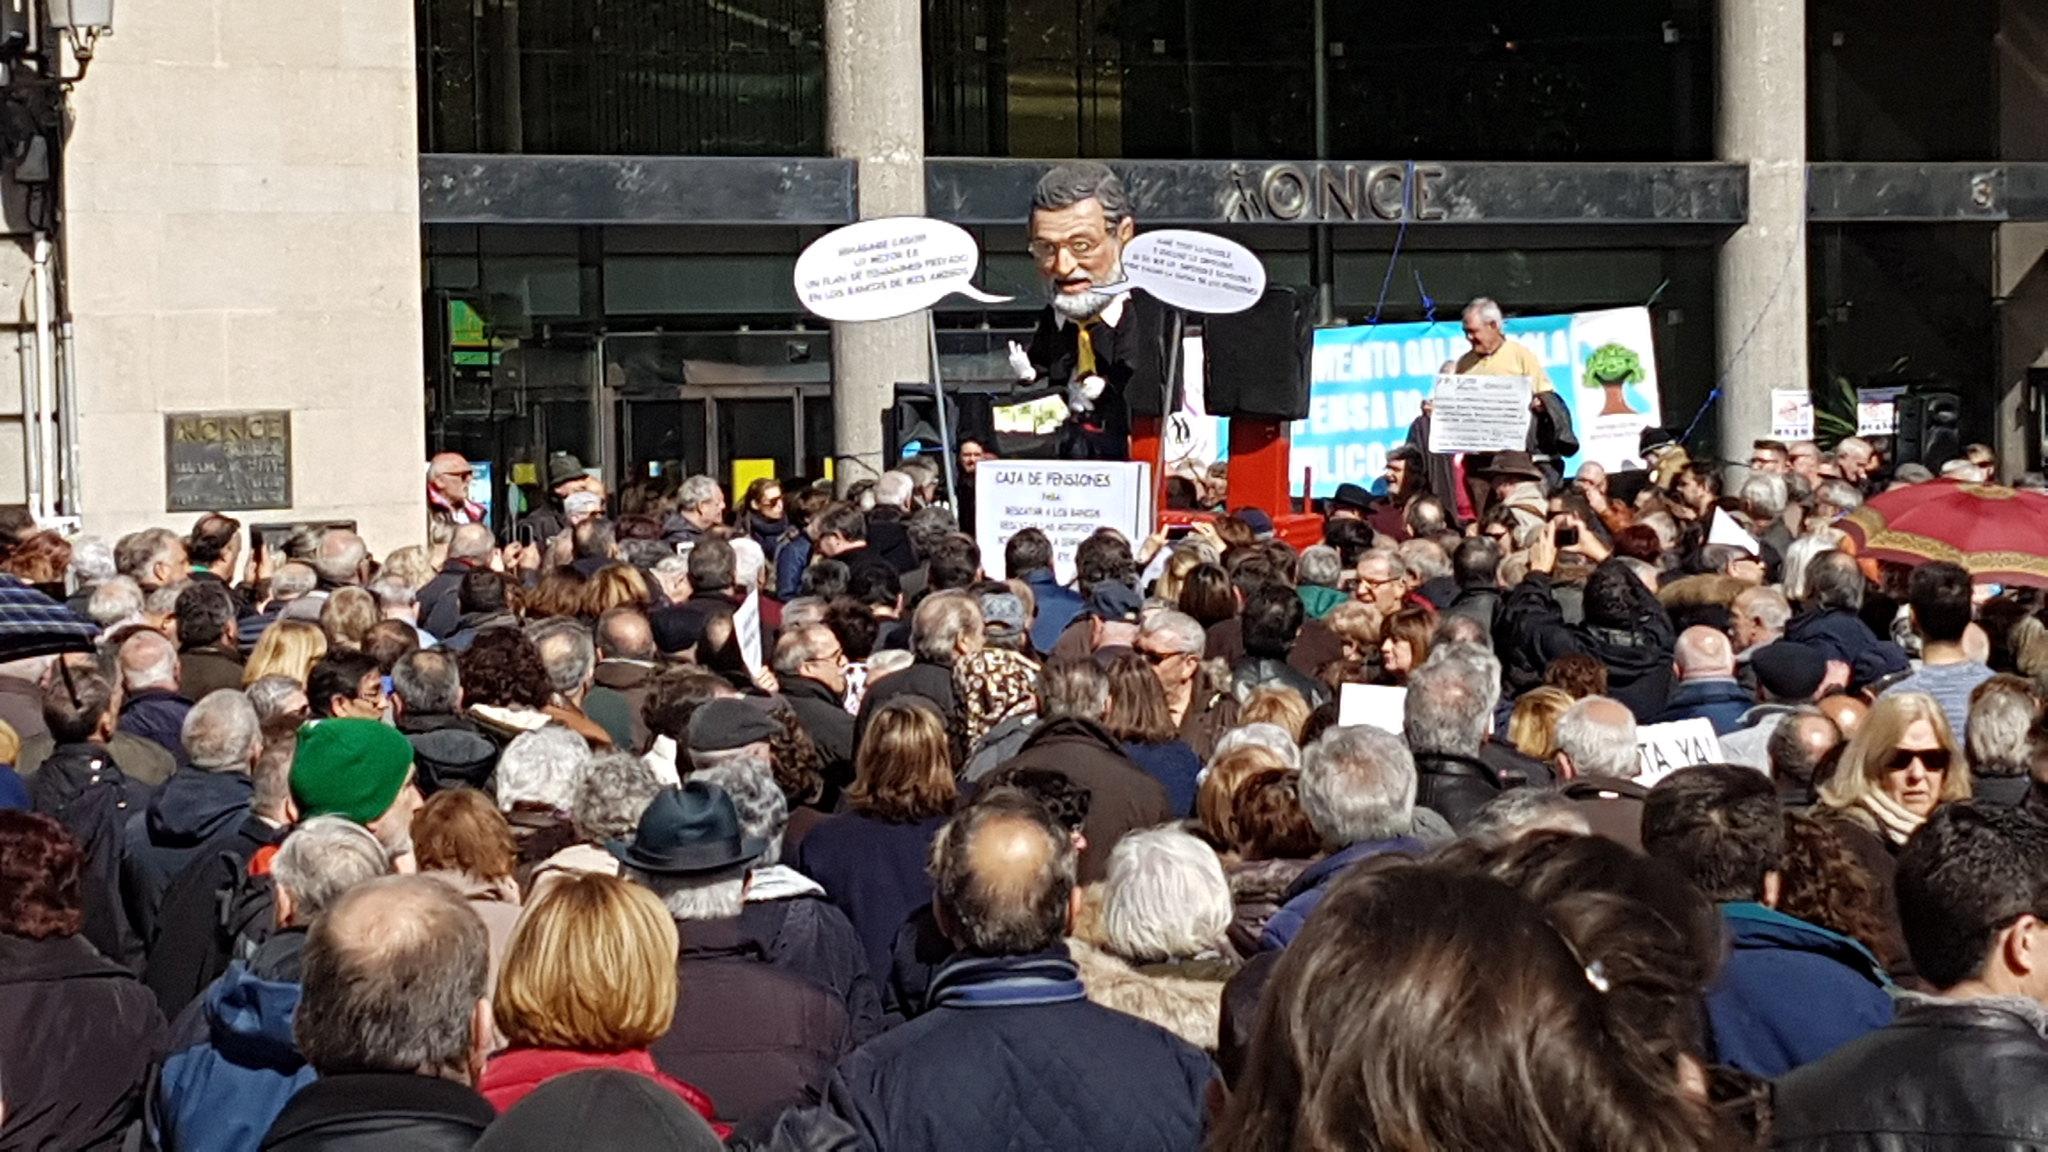 Mariano Rajoy, el centro de la atención, faltaría más, es quien gobierna